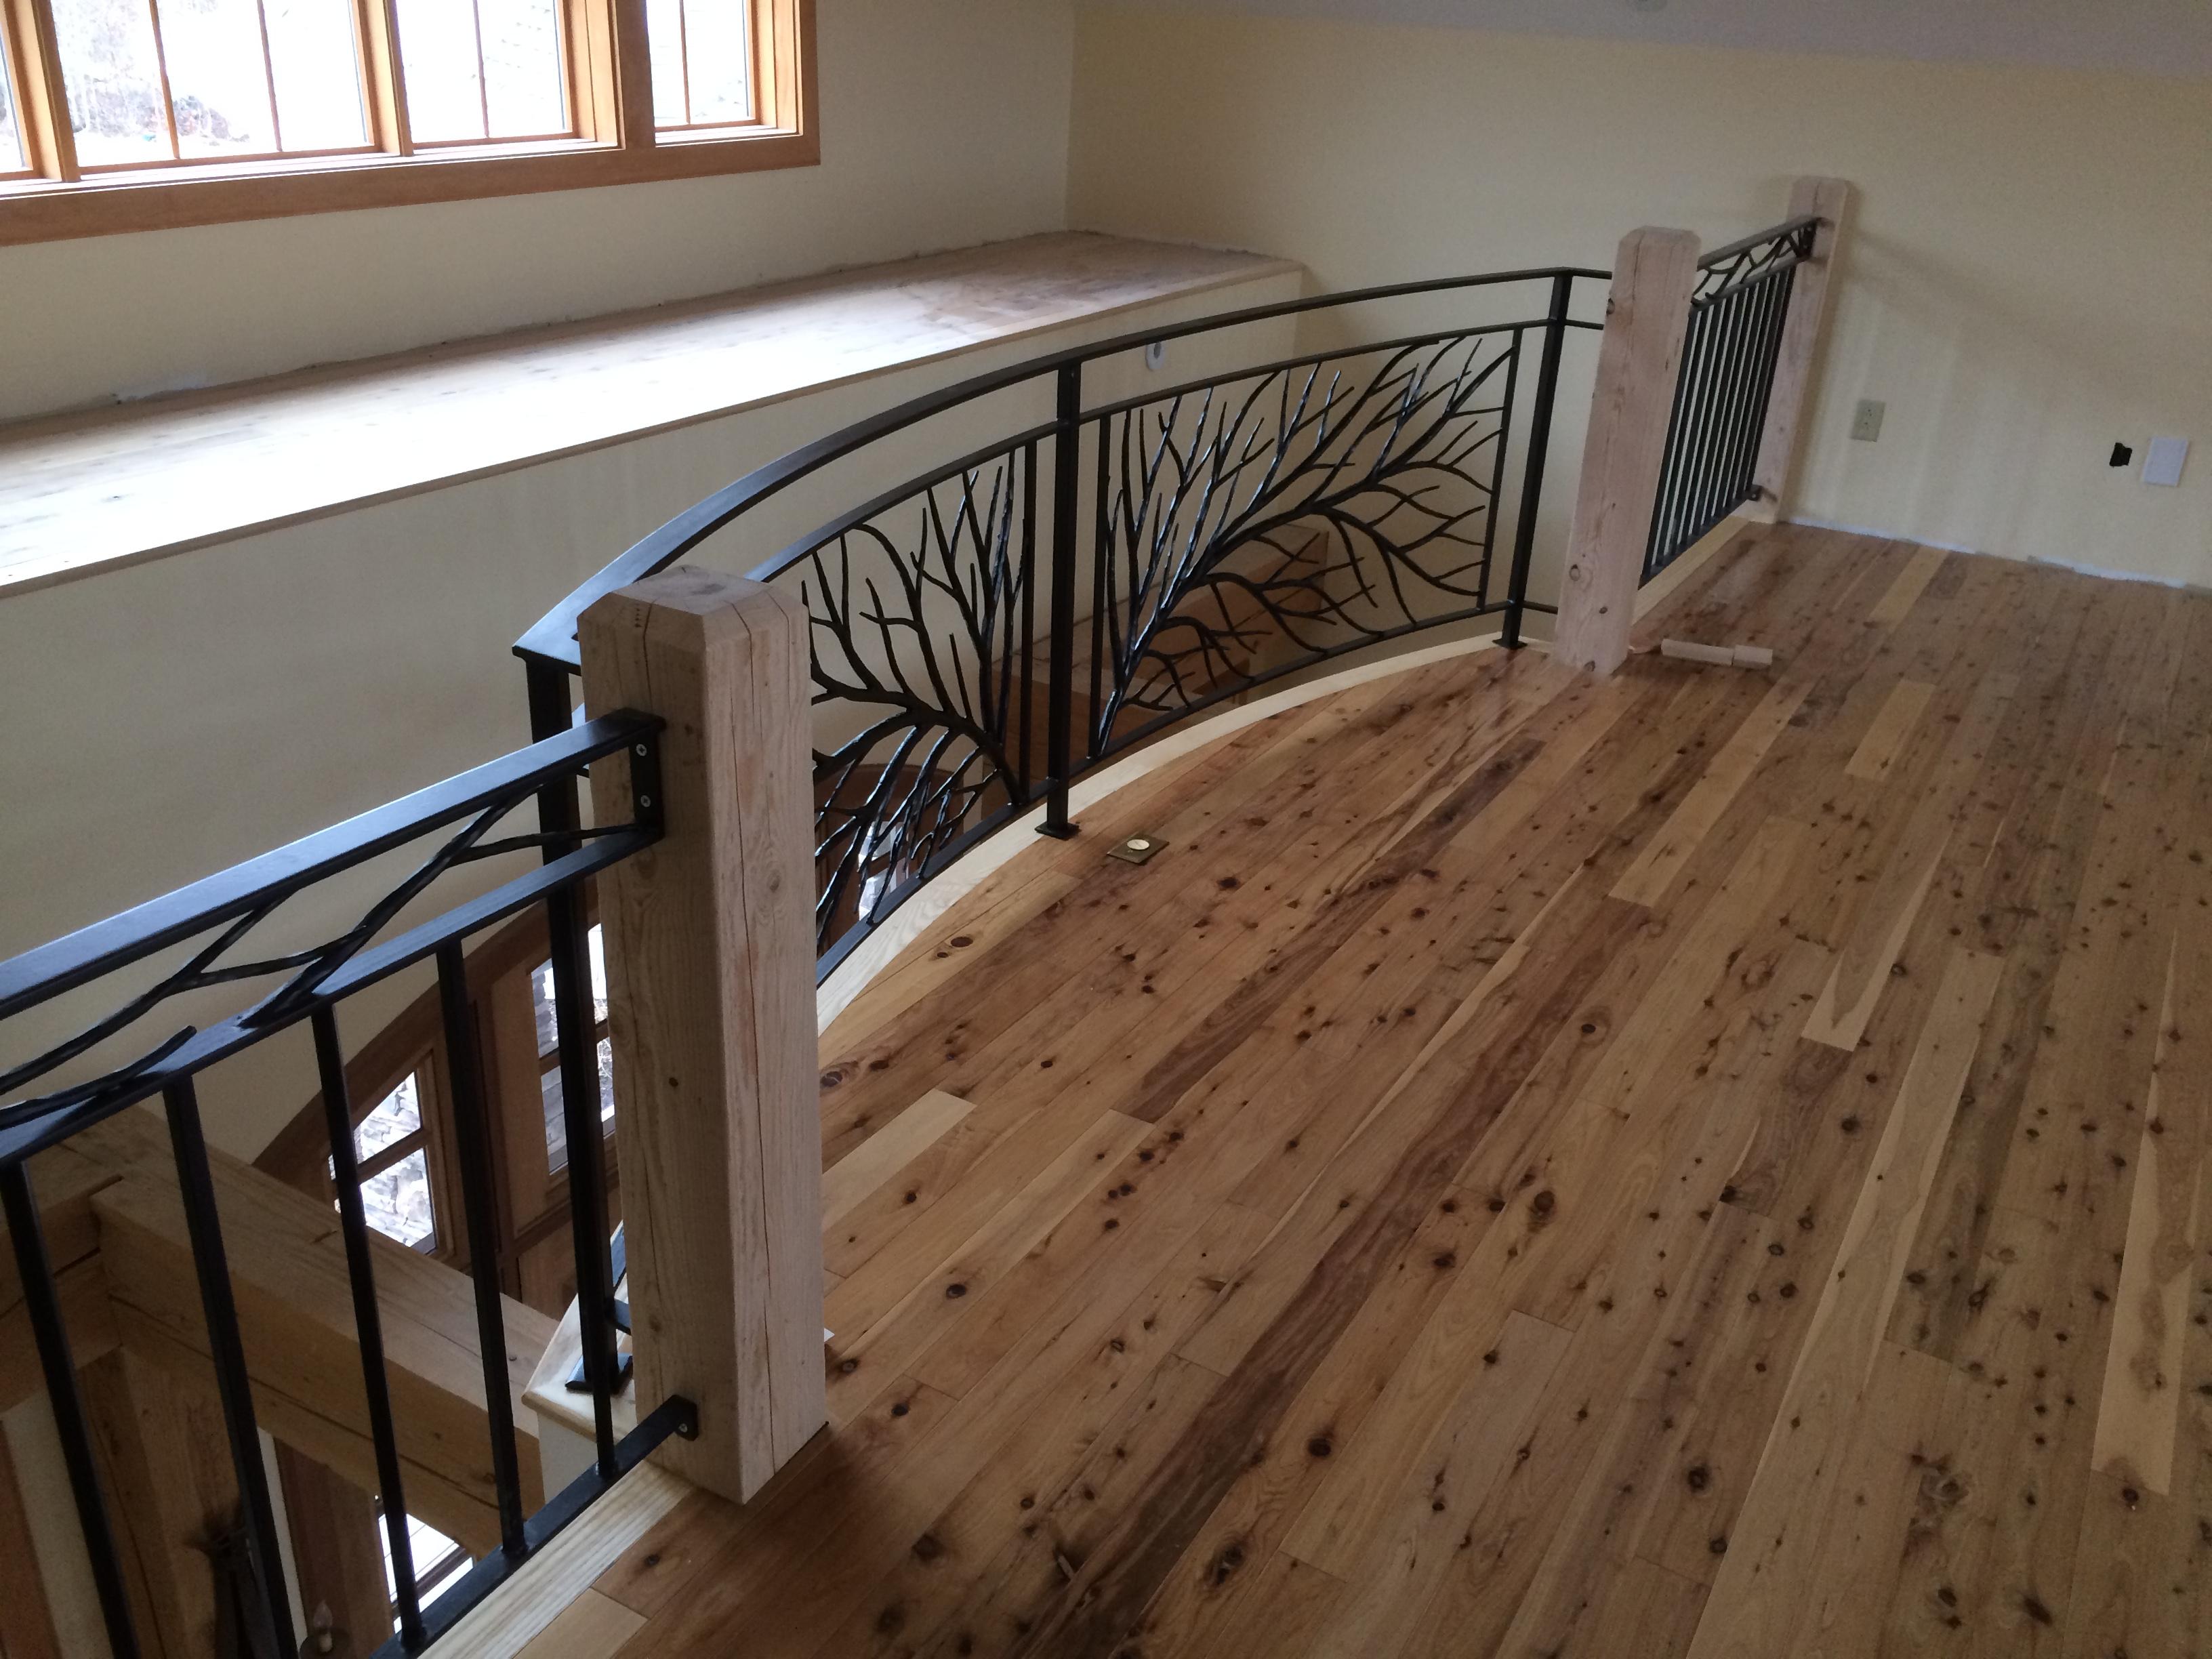 Back view of catwalk railing